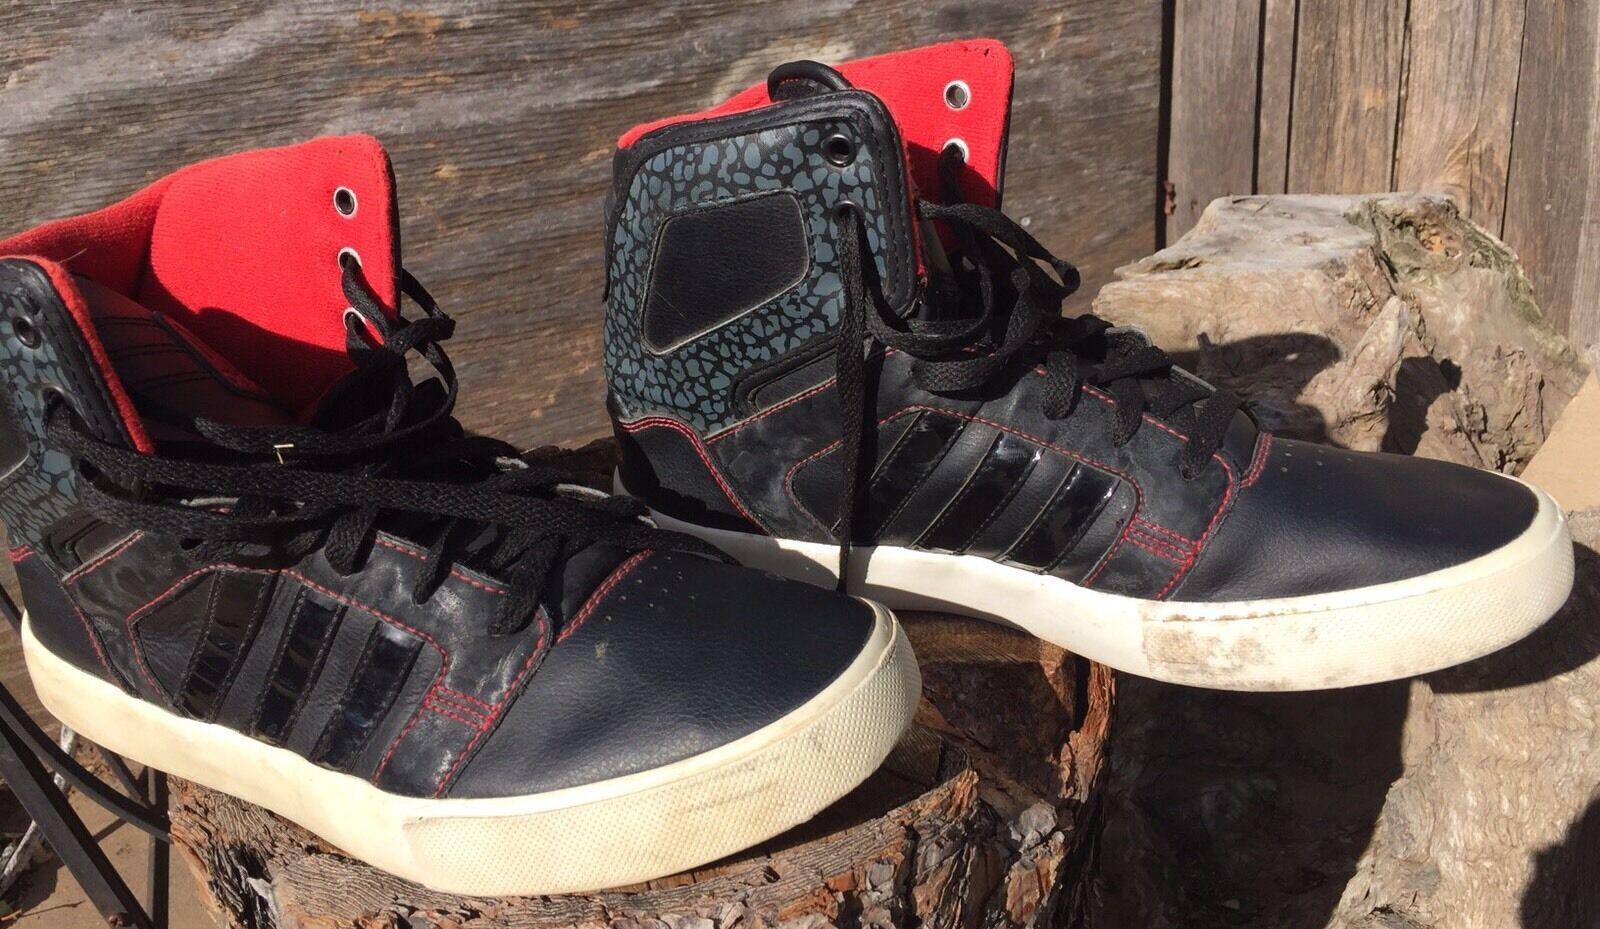 selten!bei adidas rot neo - schwarz / rot adidas vom original basketball - schuhe der größe 9, mitte aef6c9